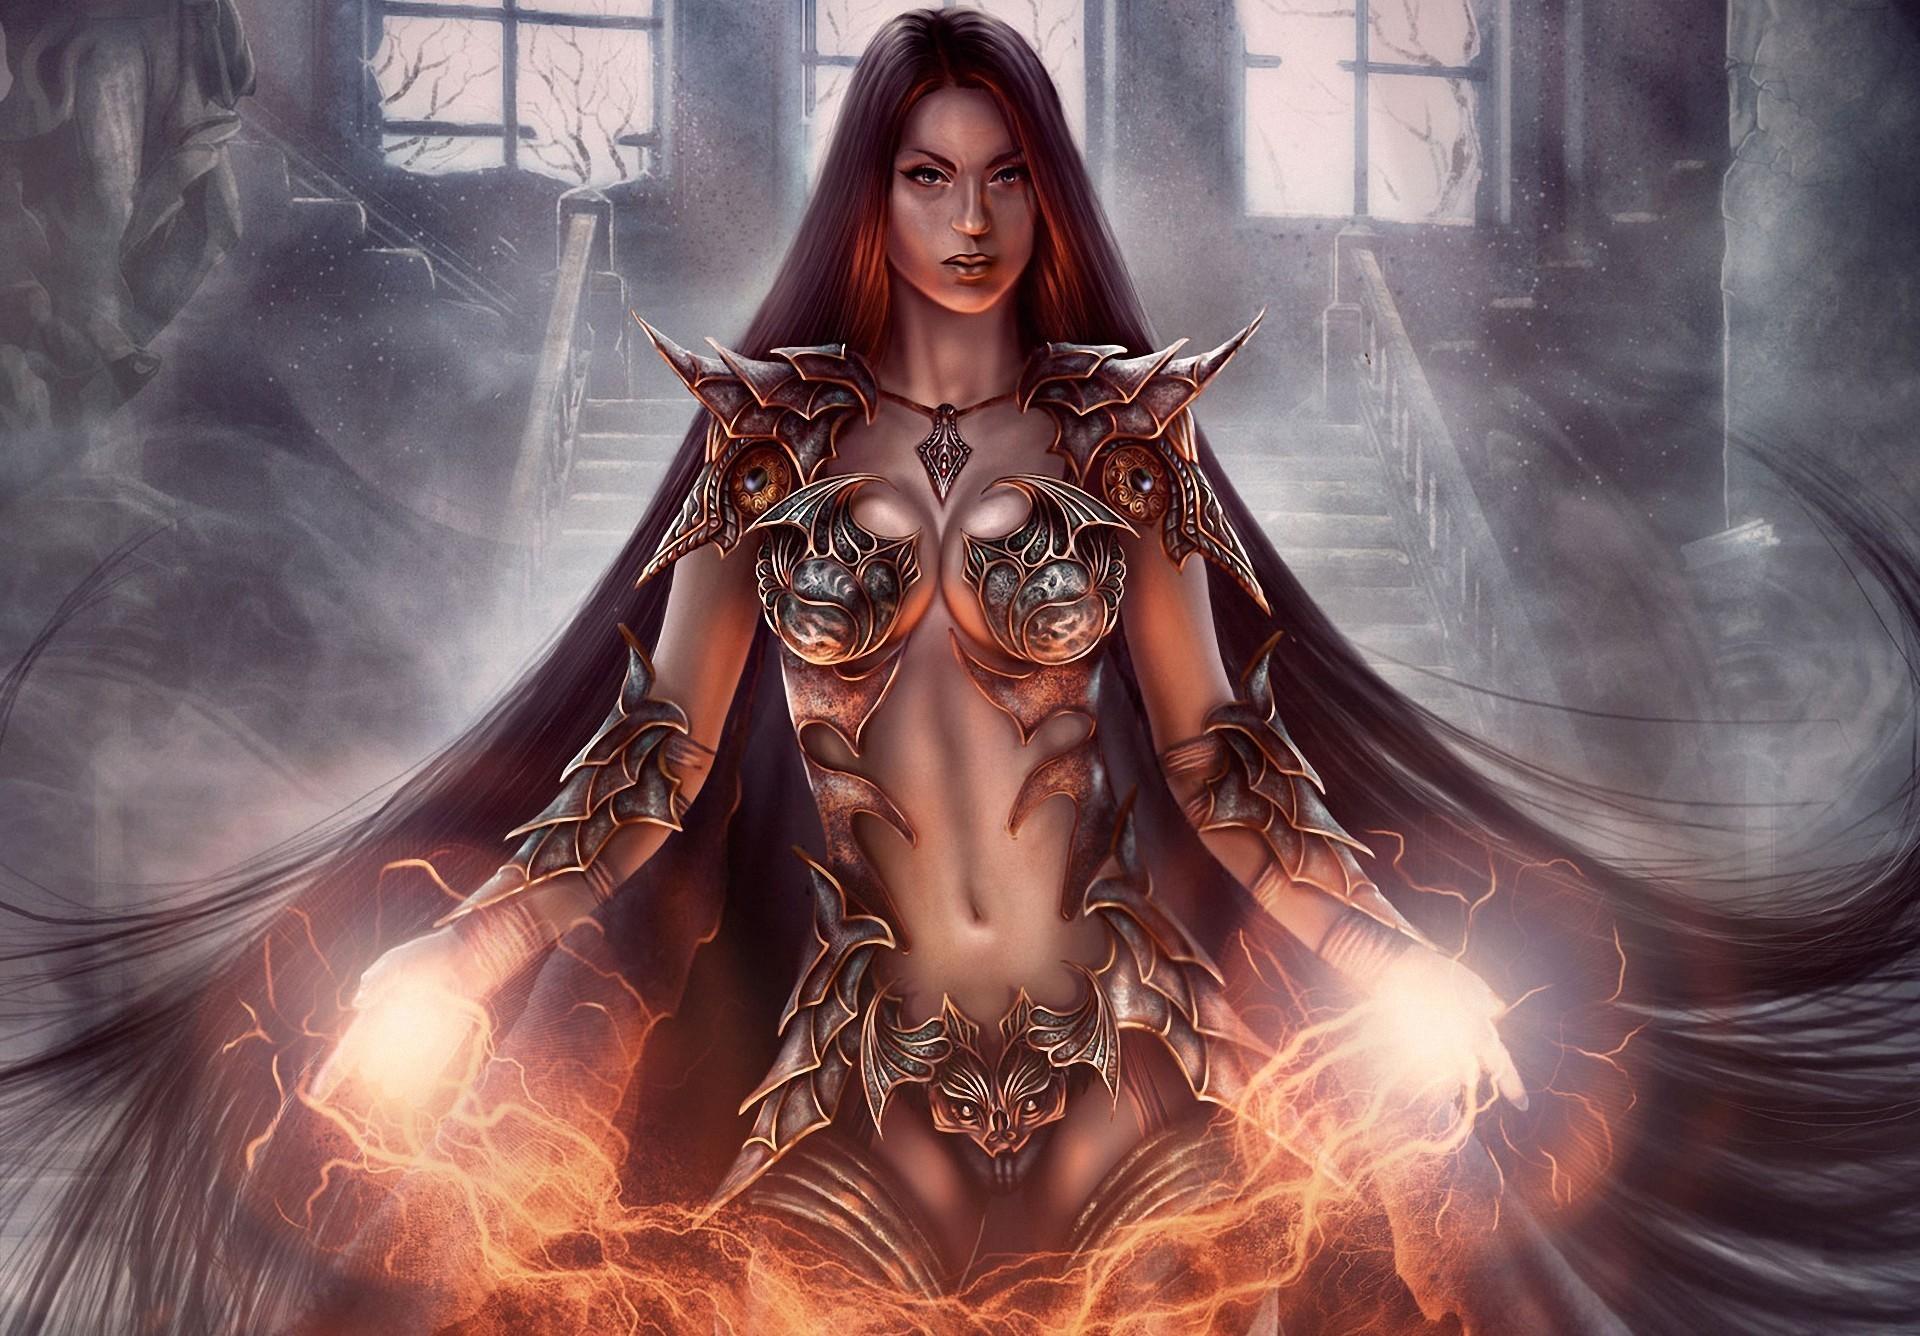 Warrior girls hentia scenes